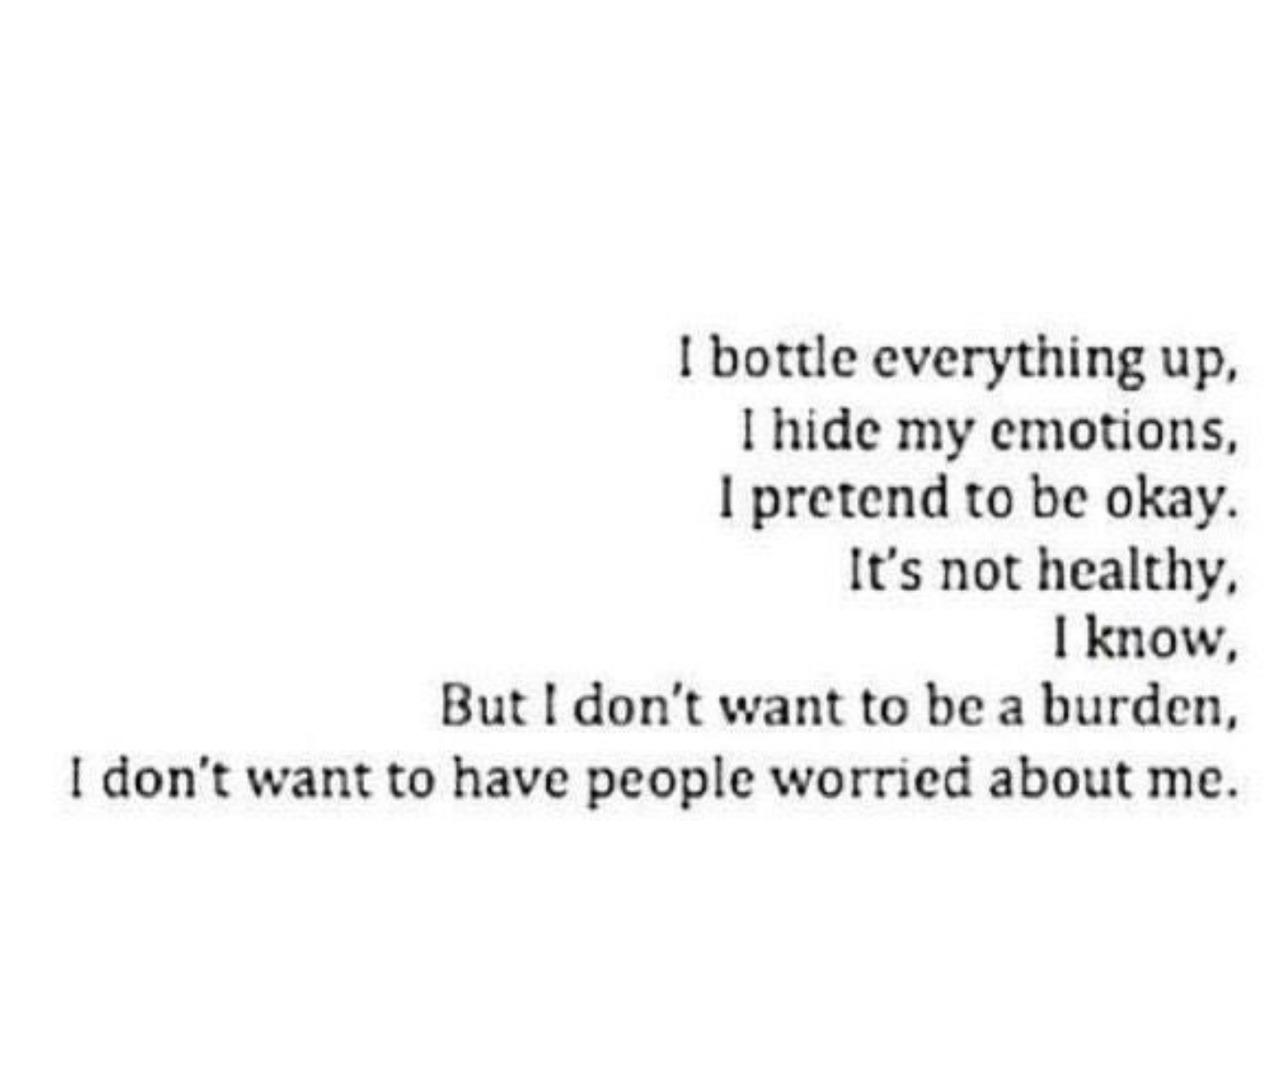 Depressive Depressing Thoughts Depressing Quotes Depressing Tumblr Depressing Aesthetic Depressing As Hell Depressing Blog Depressing Life Depressing Love